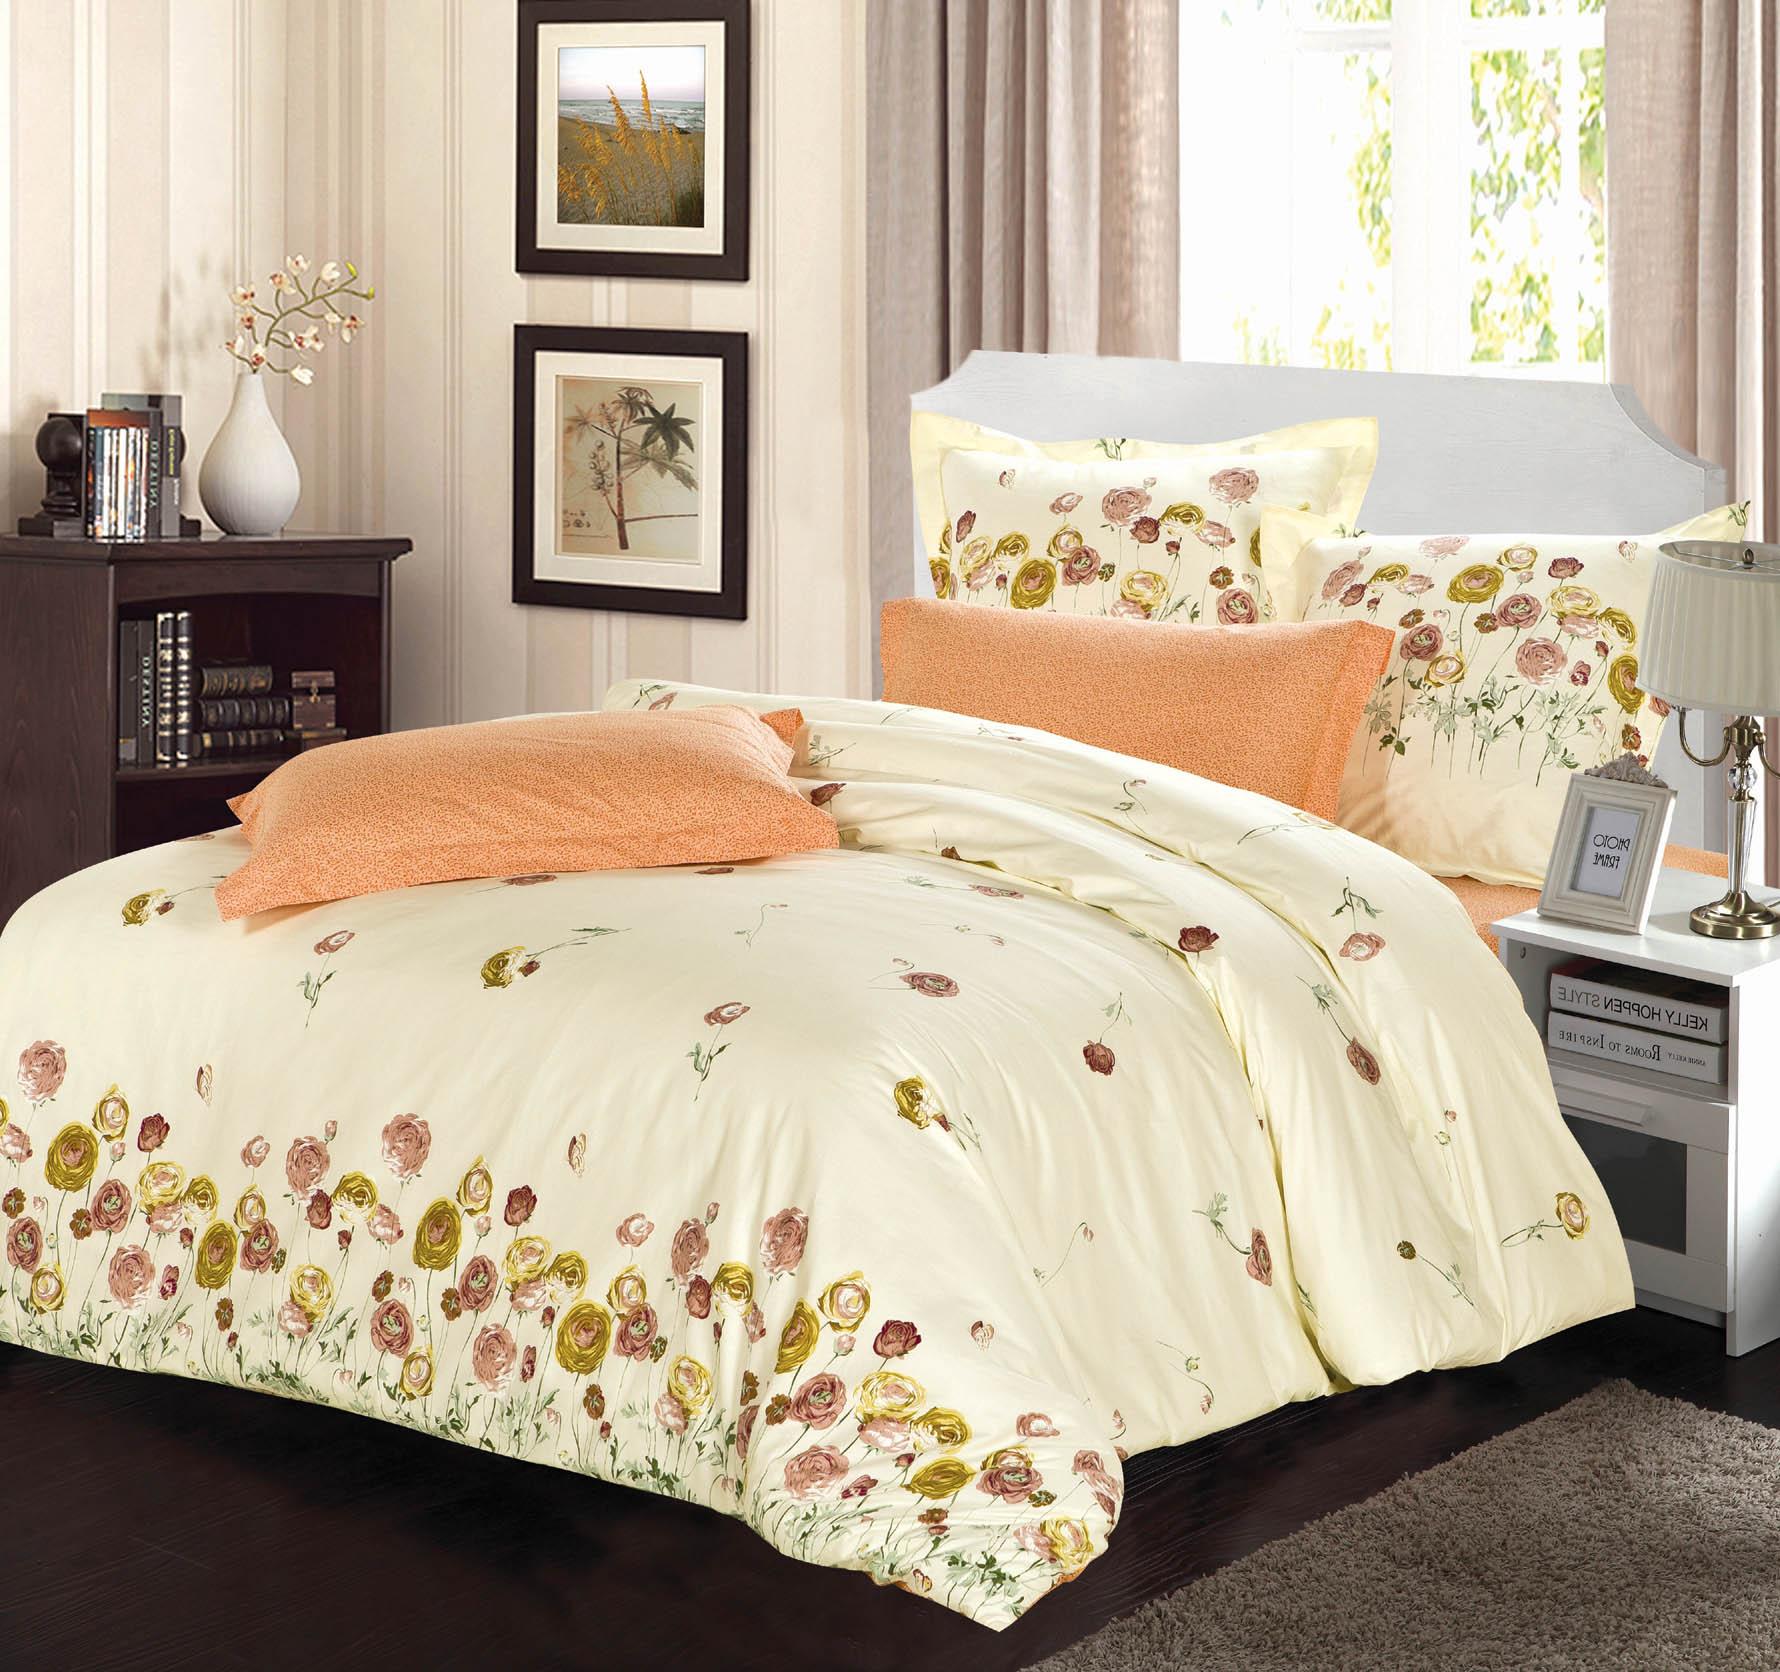 Комплекты постельного белья СайлиД Постельное белье Betsy B-158 (2 сп. евро) мультиварка philips hd3197 03